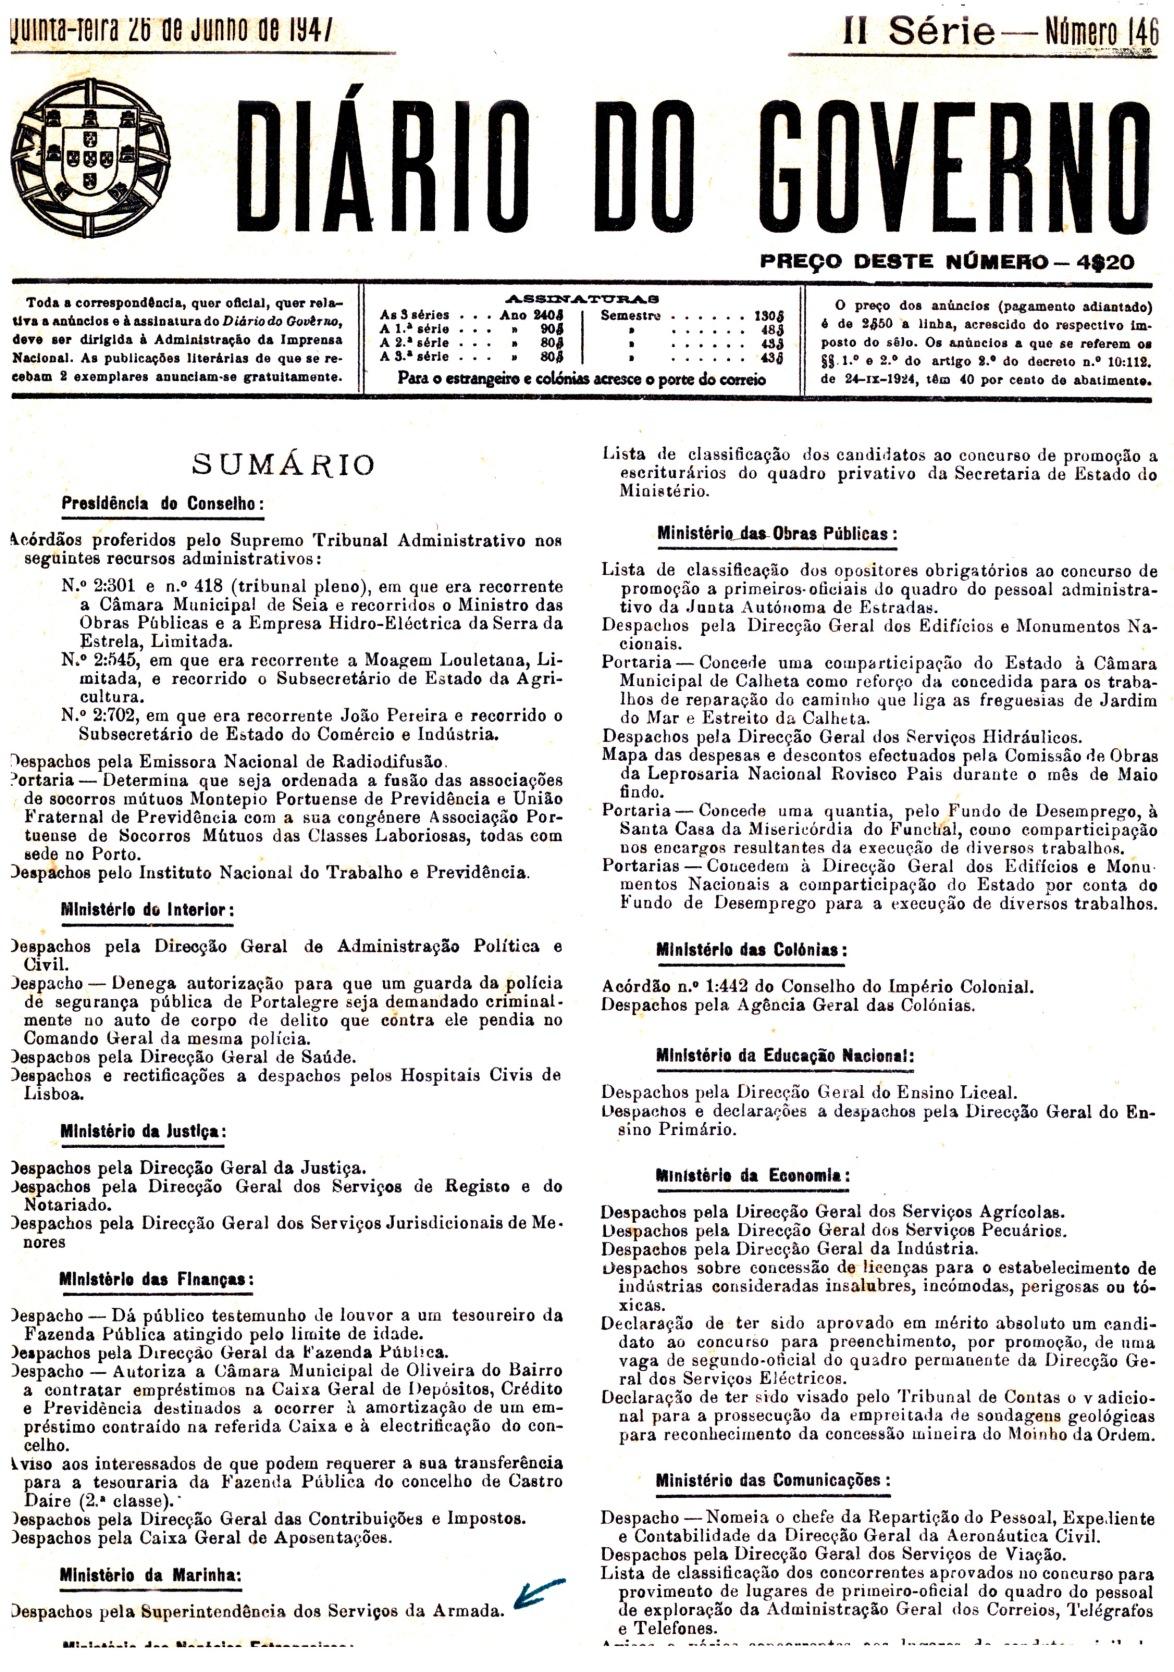 00123 947-06-26 promoção a 2º ten - DG II Ser 146 Port 3-6 capa